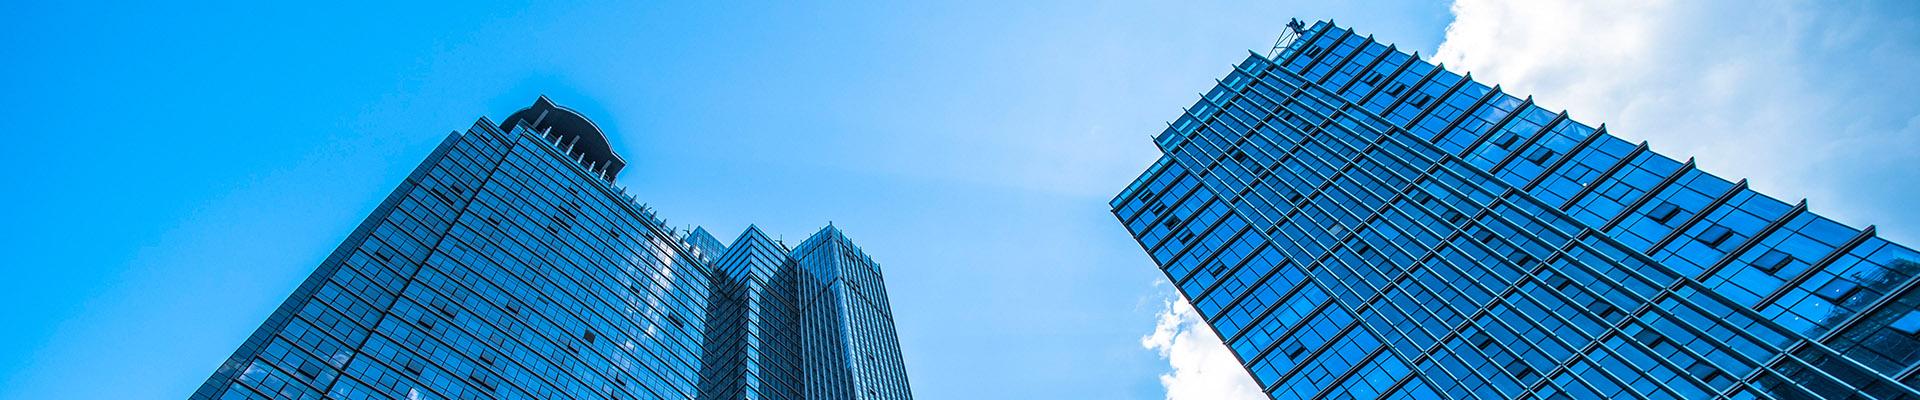 武漢市建筑工程質量檢測中心有限公司